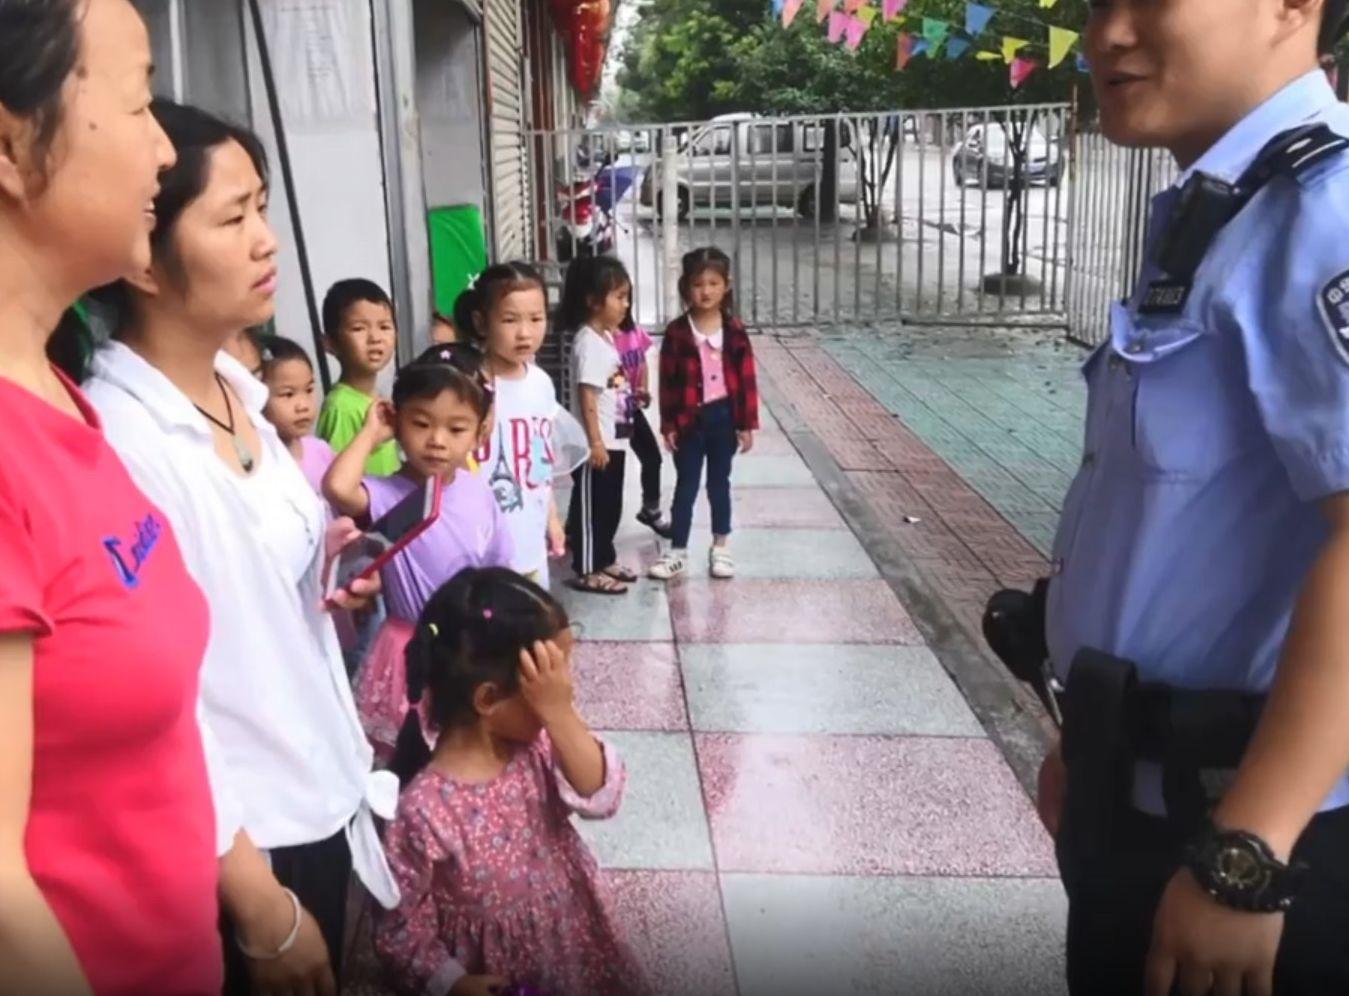 警員成功聯絡到女童的家人,並將她送回原本就讀的學校。網圖